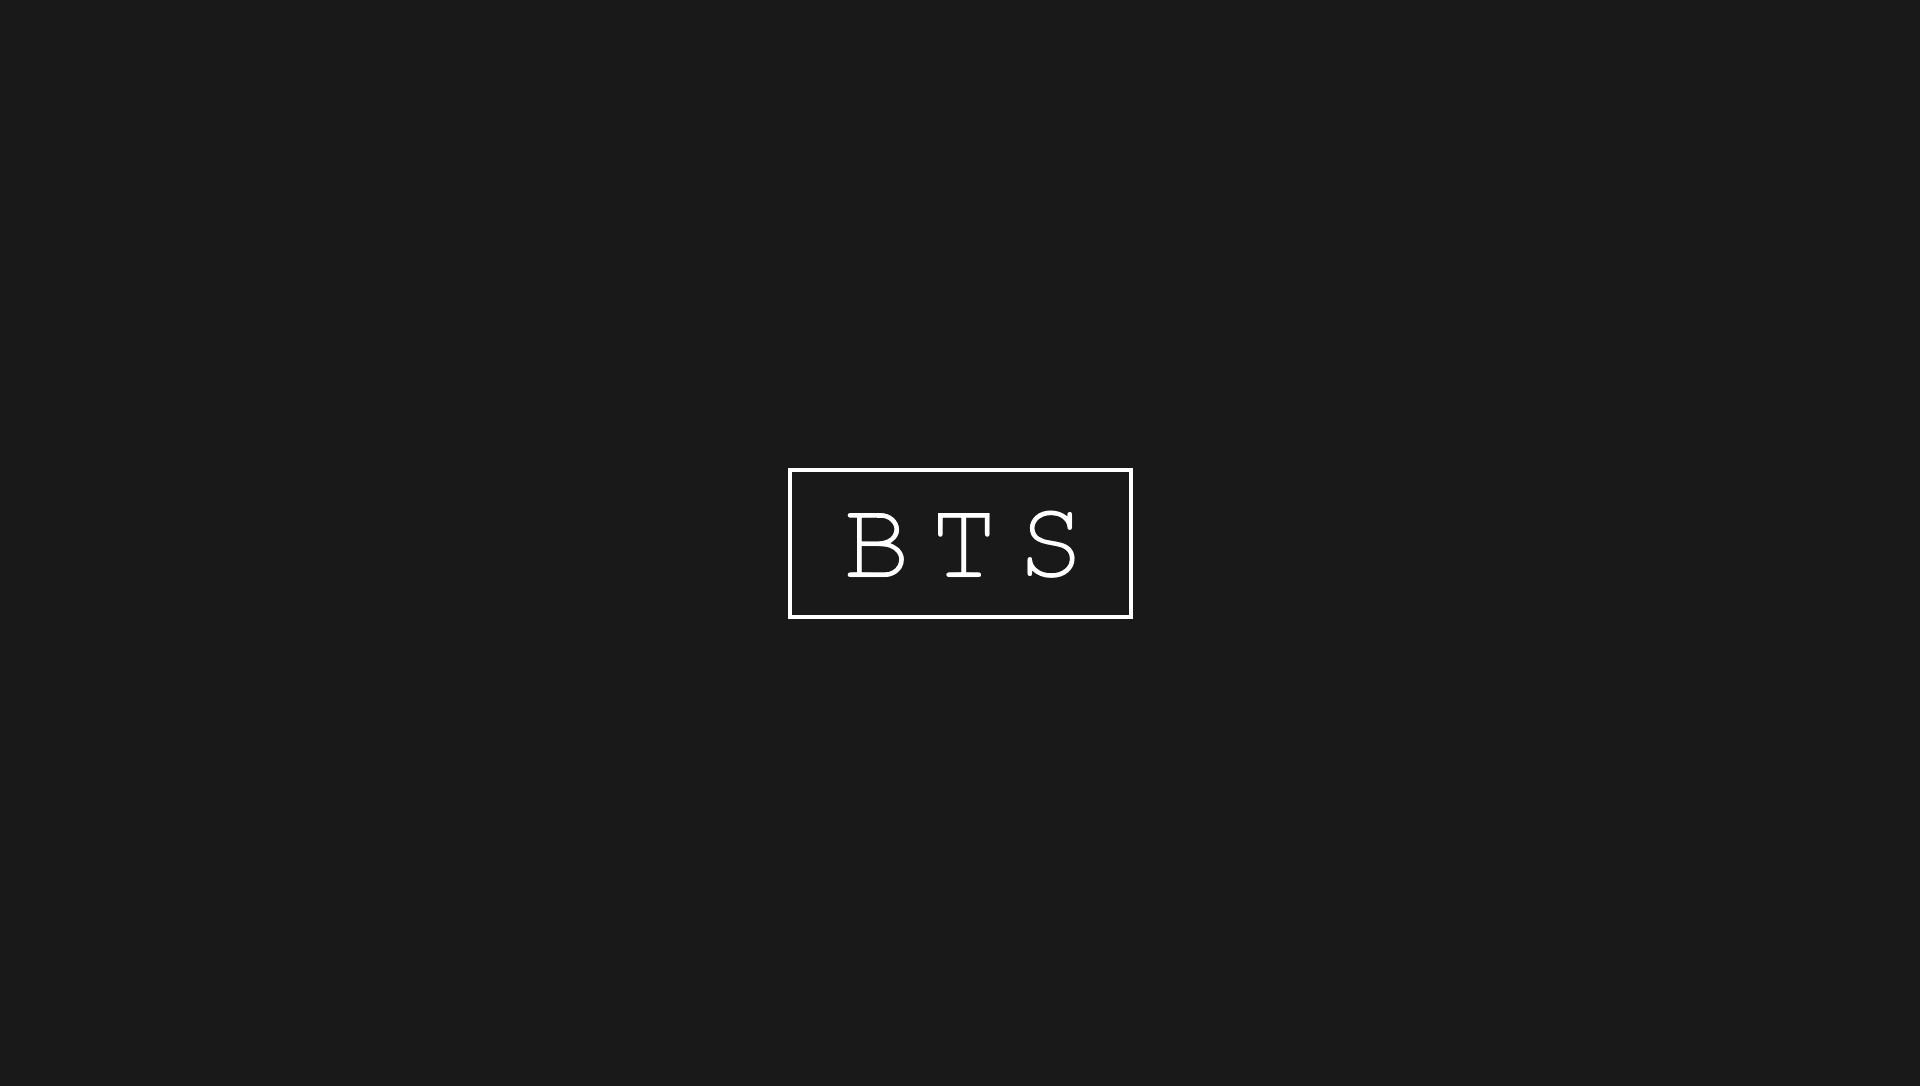 BTS Wallpapers for Desktop 74+ images